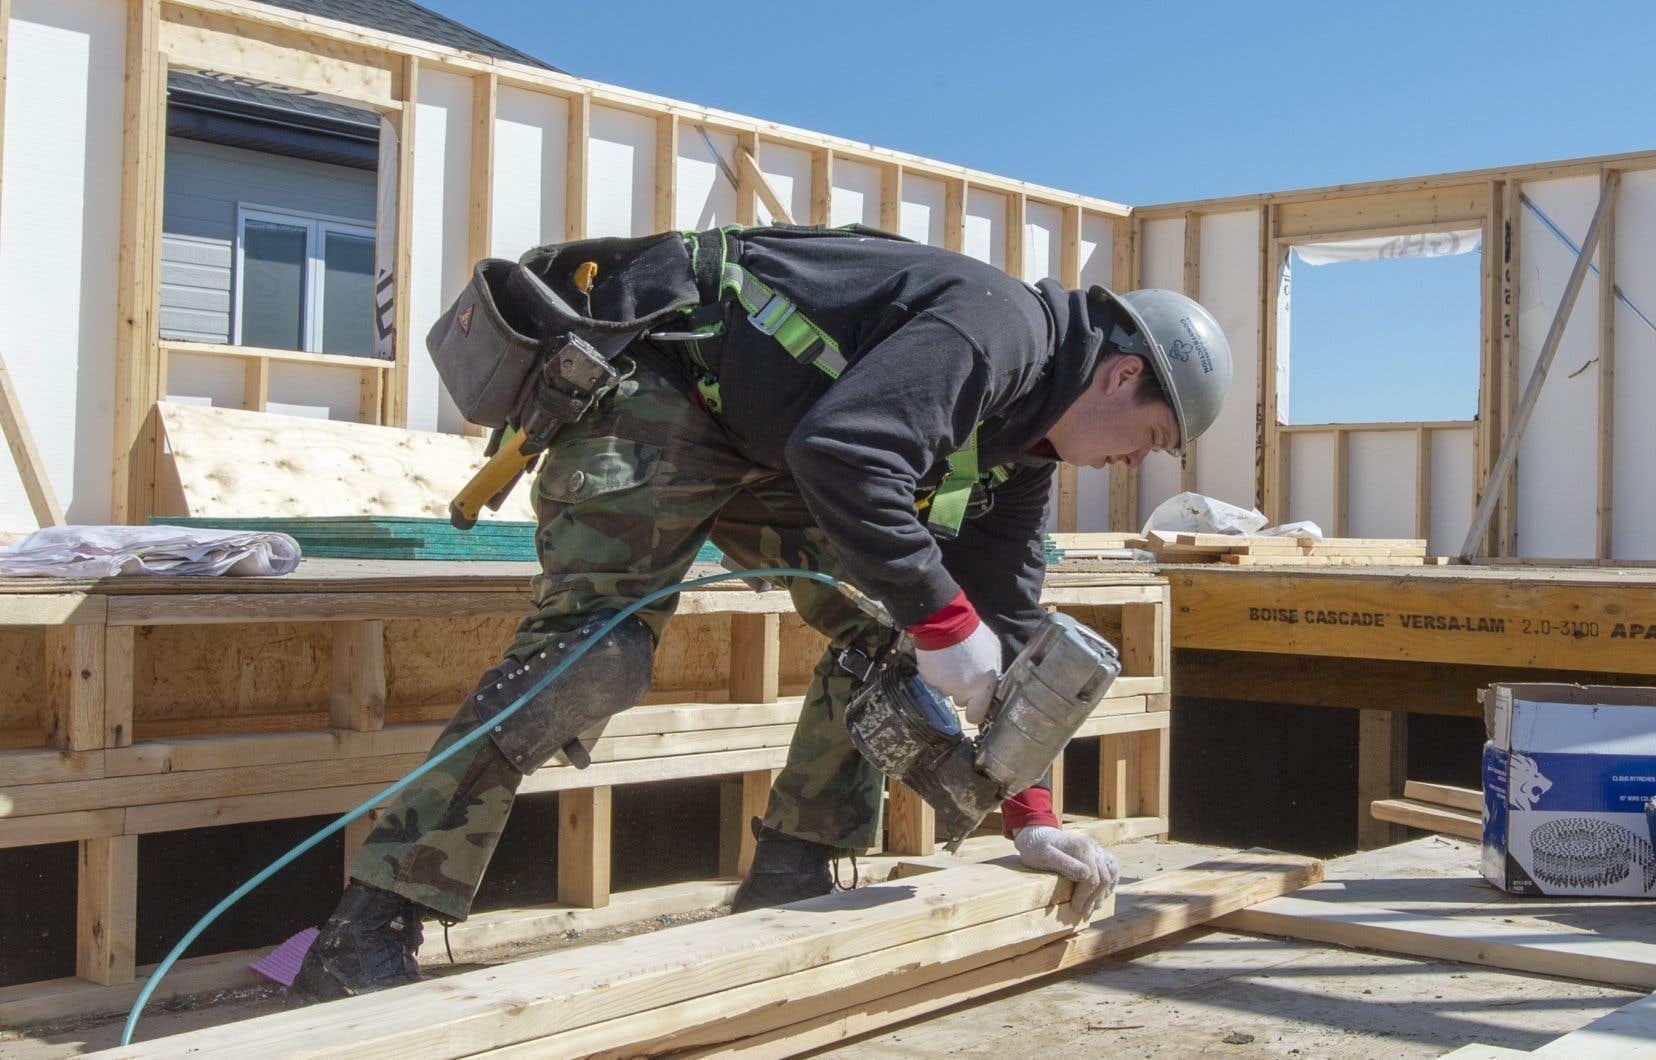 La Société canadienne d'hypothèques et de logement a observé le plus faible niveau d'activités de construction dans une fourchette de 5 à 10 kilomètres en dehors des centres-villes étudiés.